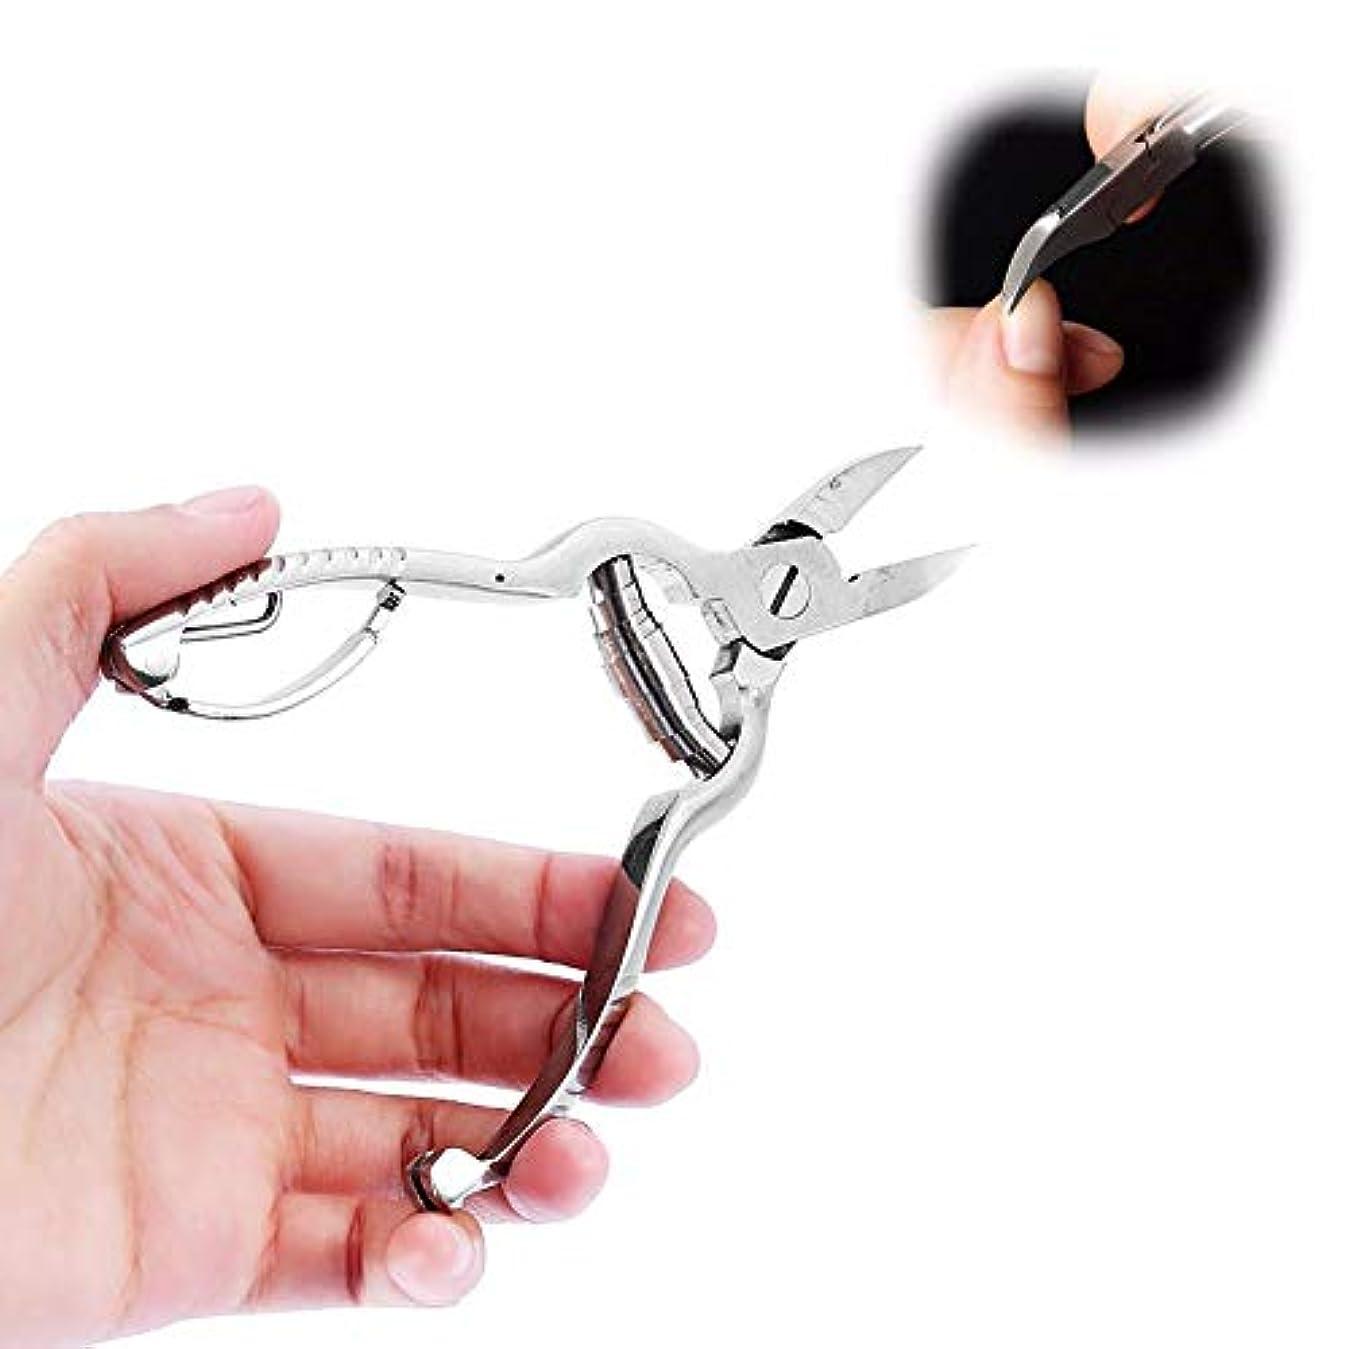 ブルジョン一族受け入れたプロフェッショナルキューティクルニッパー、ホームユーザーおよびアマチュア向けのステンレス製バレルスプリングハサミ、死んだ皮膚の爪の爪を除去するマニキュアおよびペディキュアツール